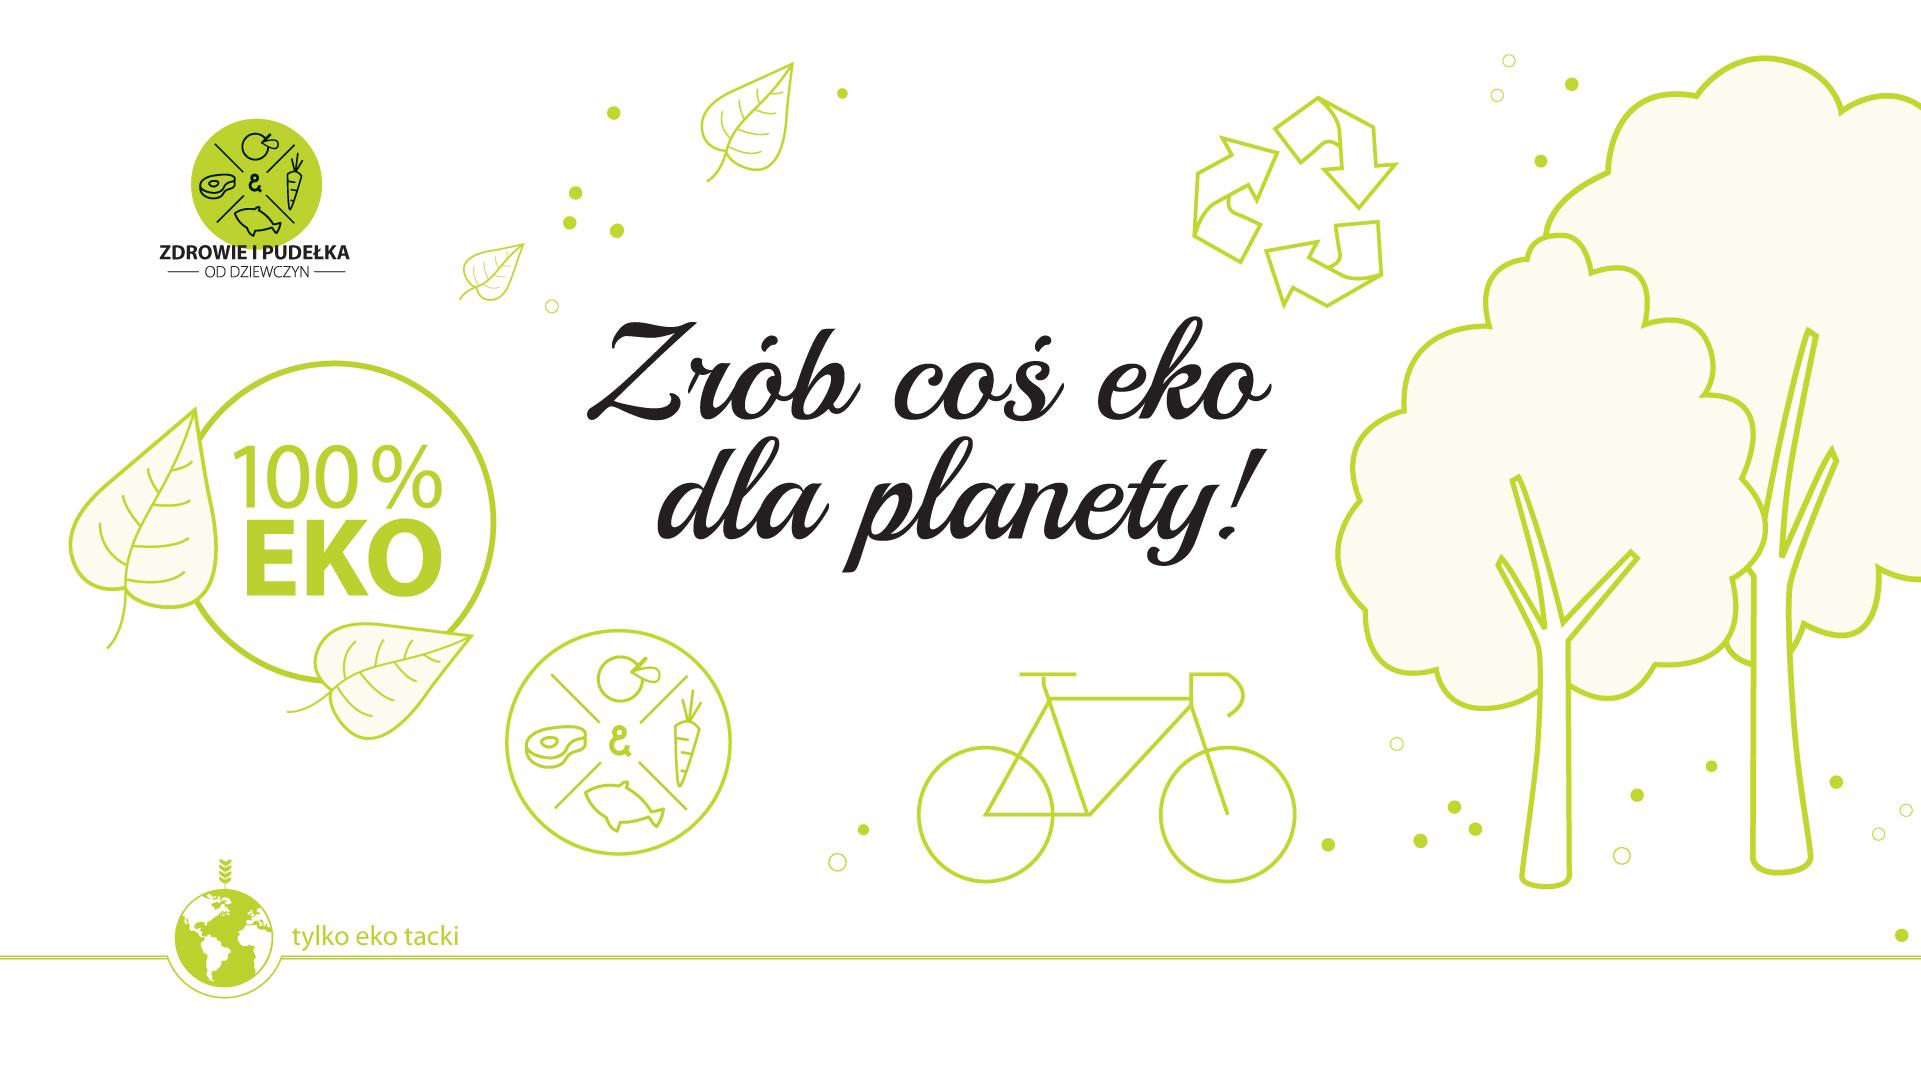 Zrób coś eko dla planety!